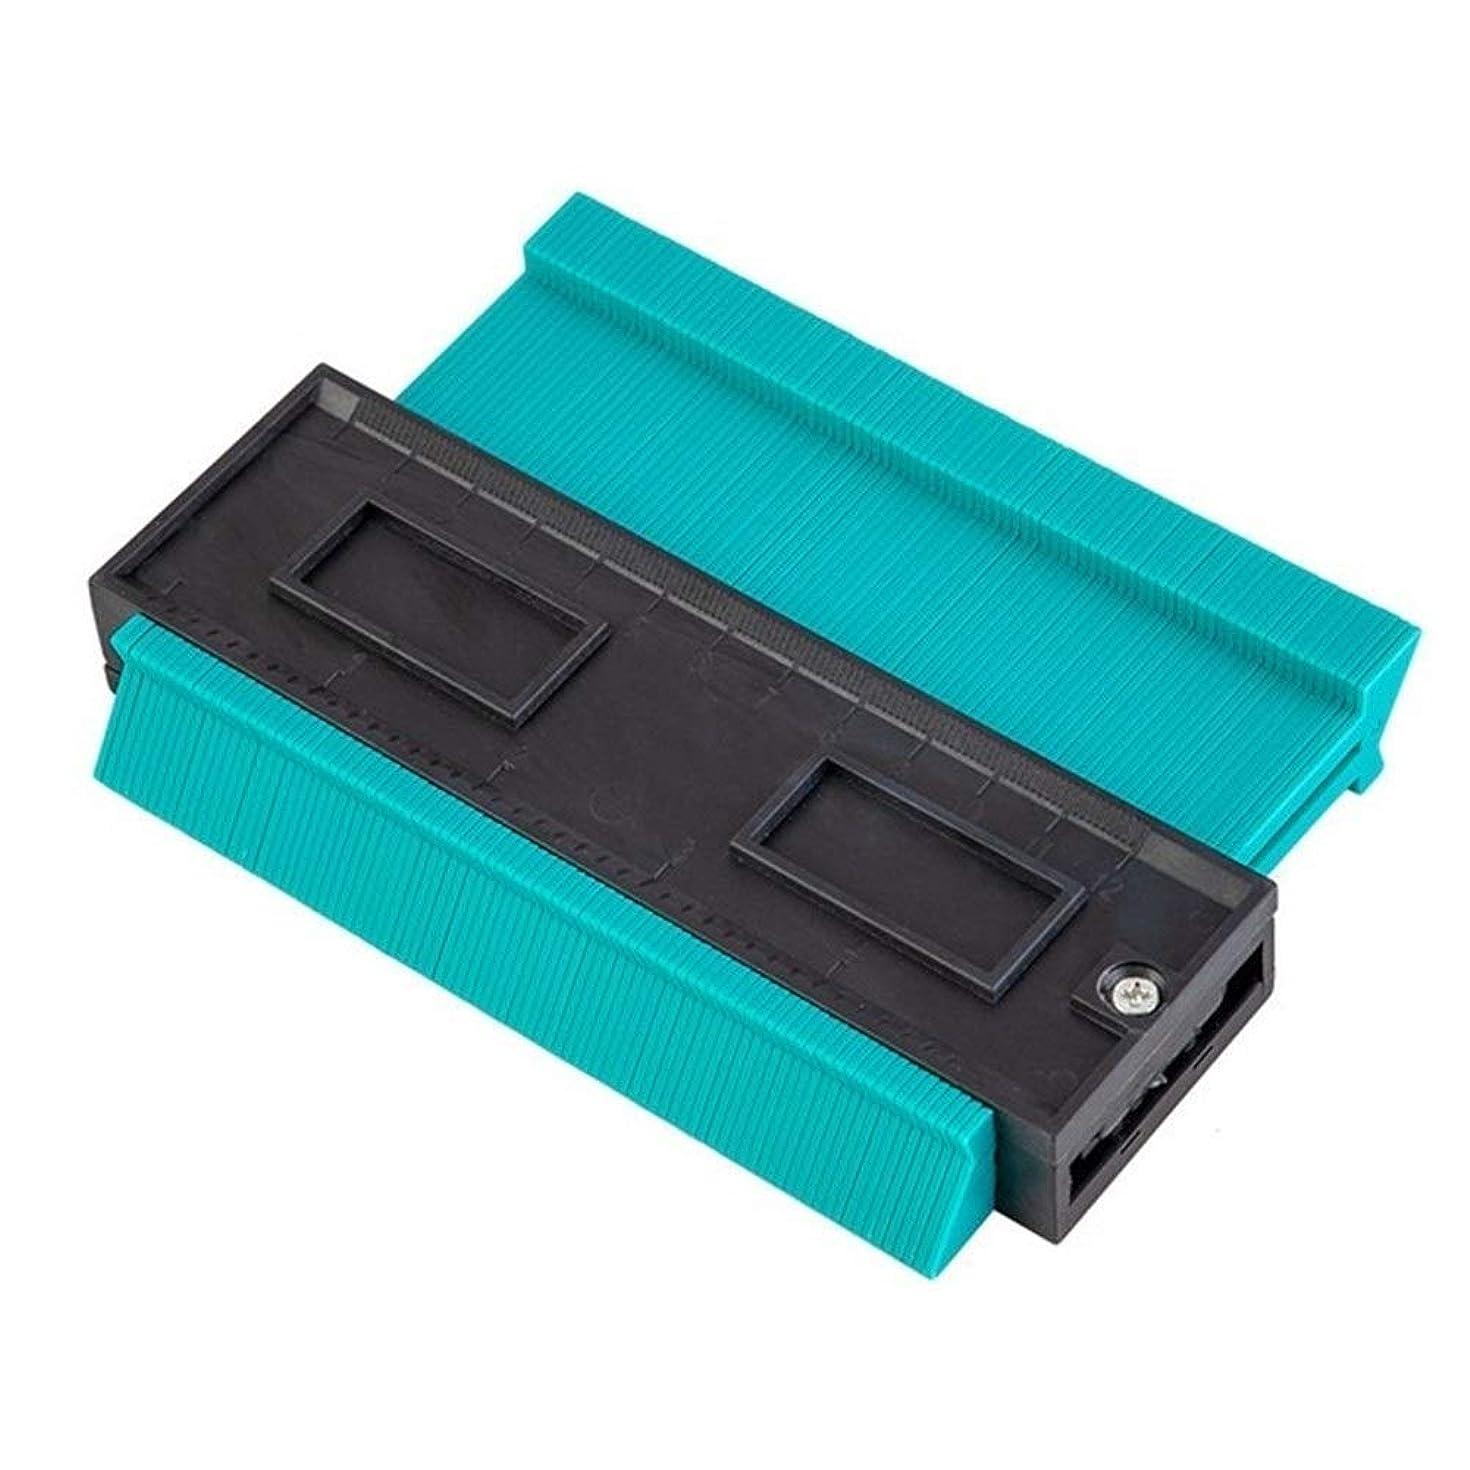 切手巻き取り部門GSMLS 13センチメートル輪郭ゲージユニバーサルツールルーラー不規則な外形を測定ラジアンコピー定規カーペンター定規図面テンプレート (Color : 13cm blue)